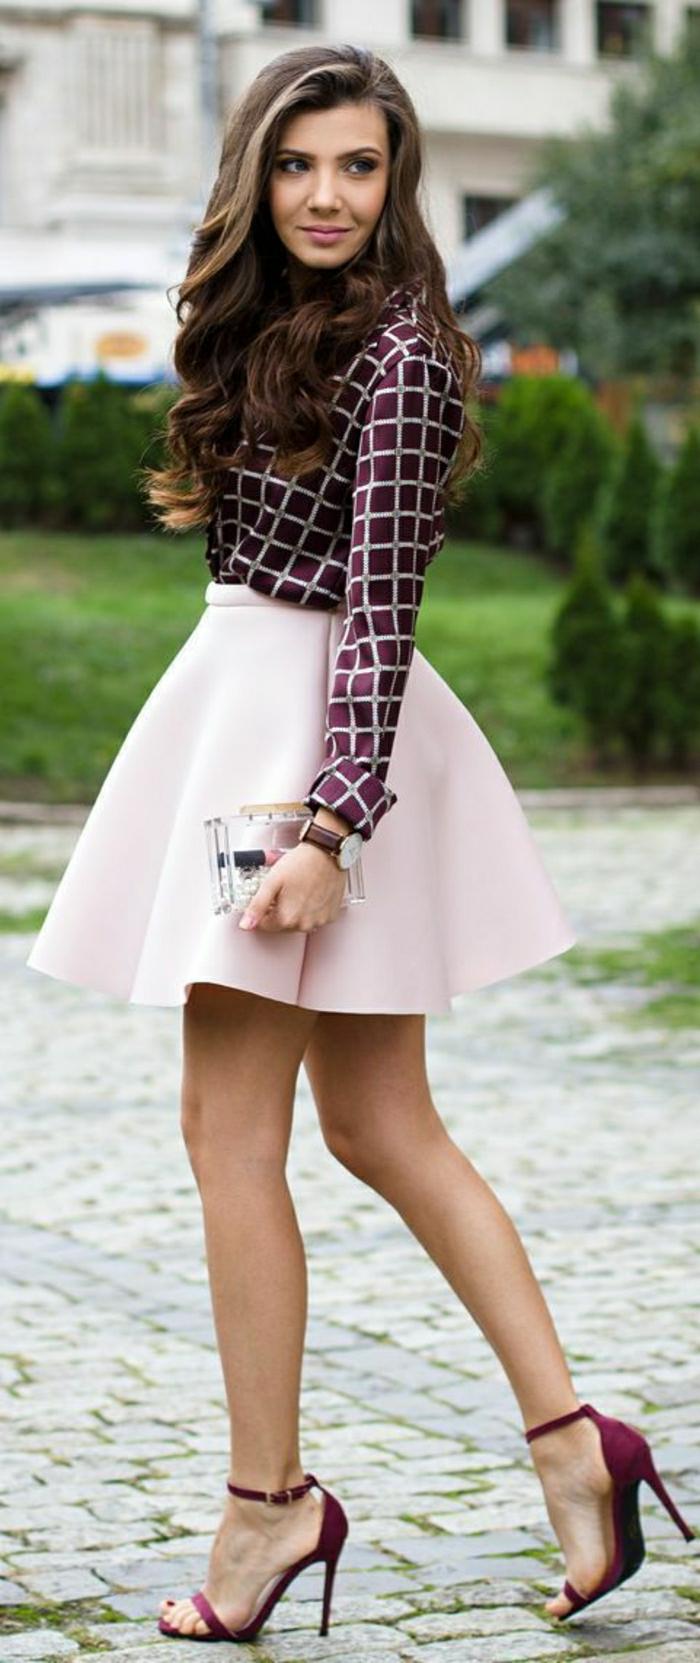 weinrote-Sandalen-Absatz-elegantes-Modell-simpel-schick-kurzer-rosa-Rock-lila-Satinhemd